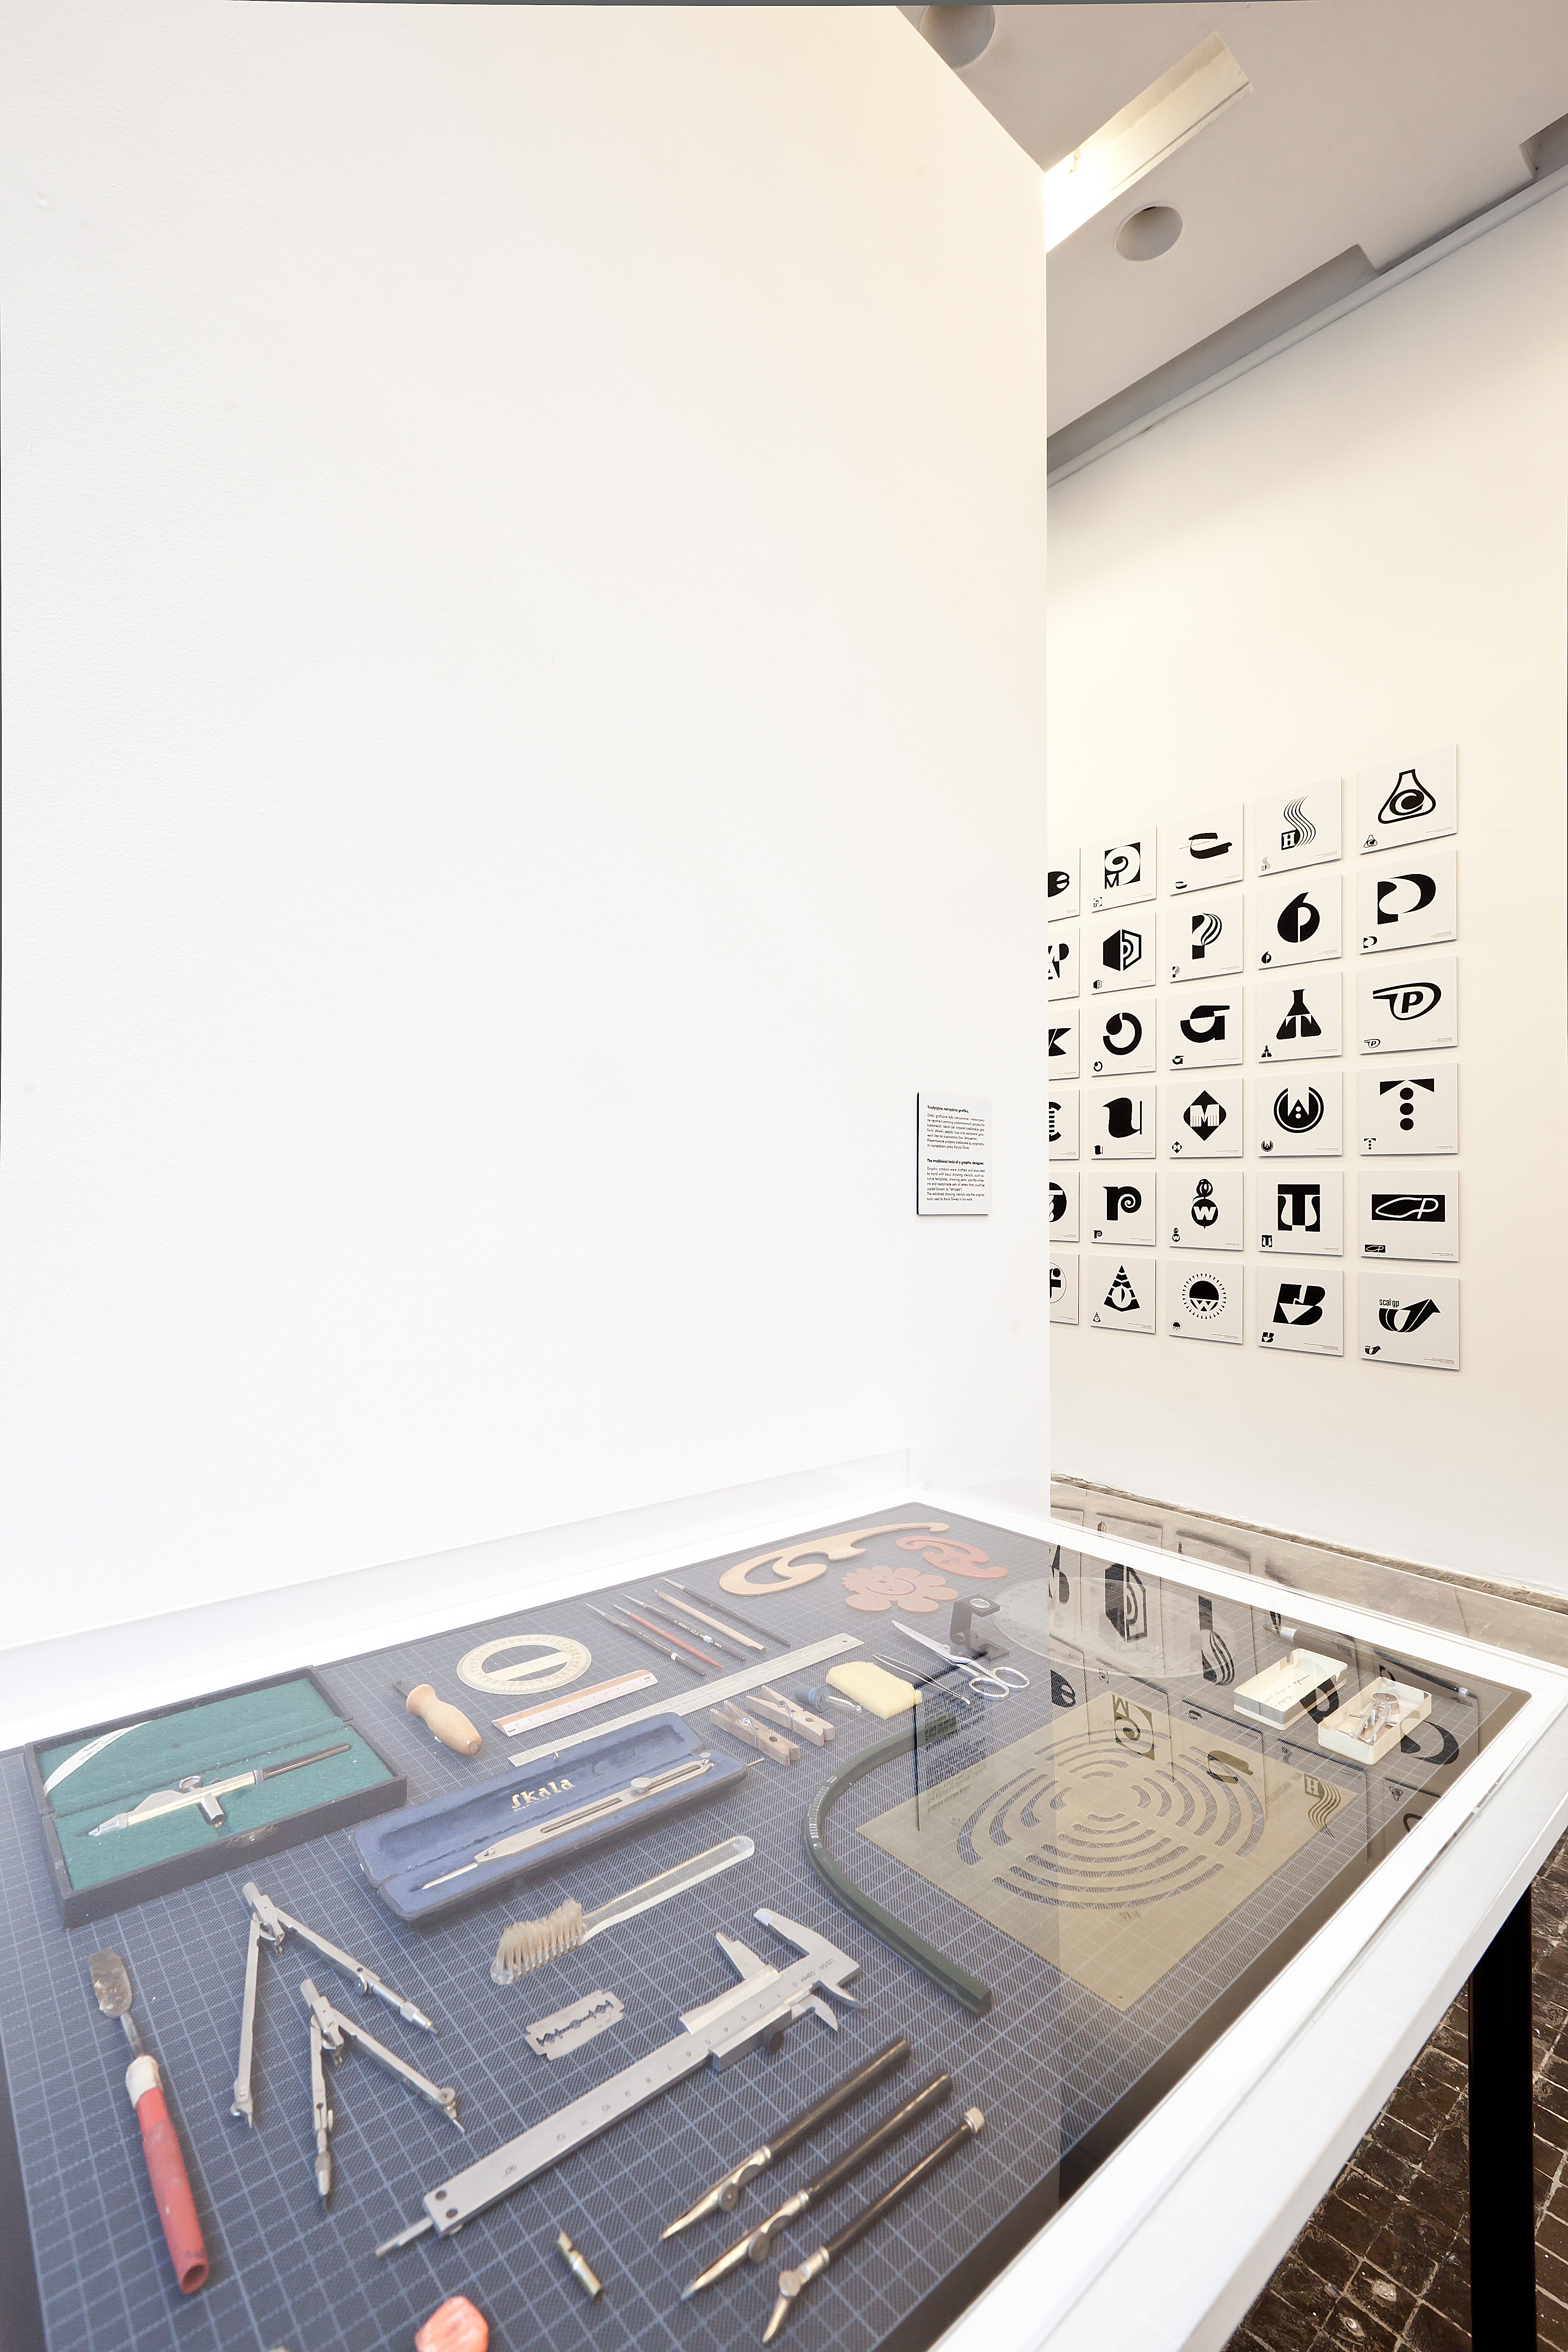 Druga Ogólnopolska Wystawa Znaków Graficznych, widok ogólny